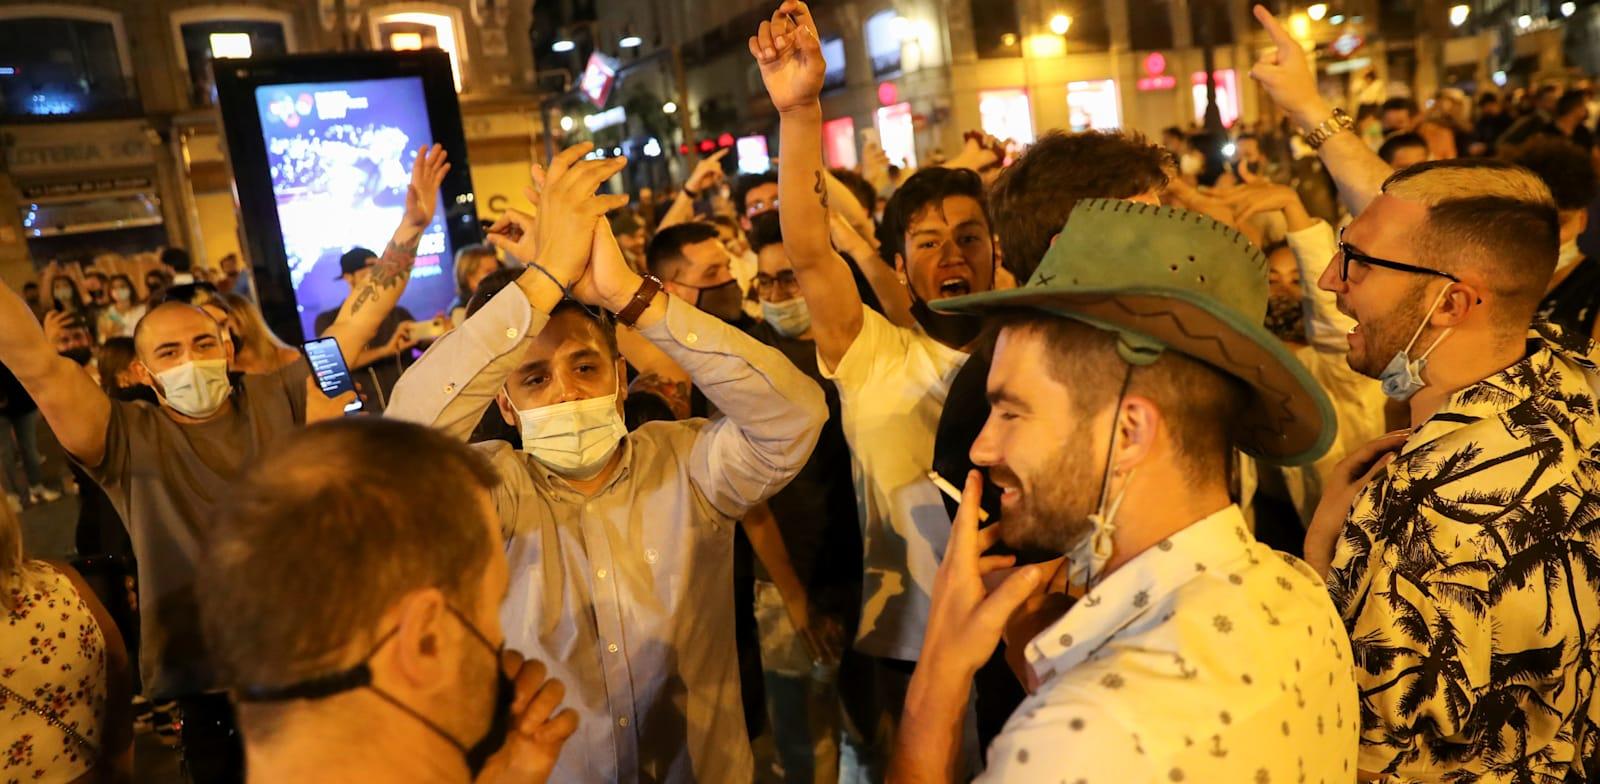 חגיגות סיום העוצר במדריד / צילום: Associated Press, Michael Gore and Jordi Rubio